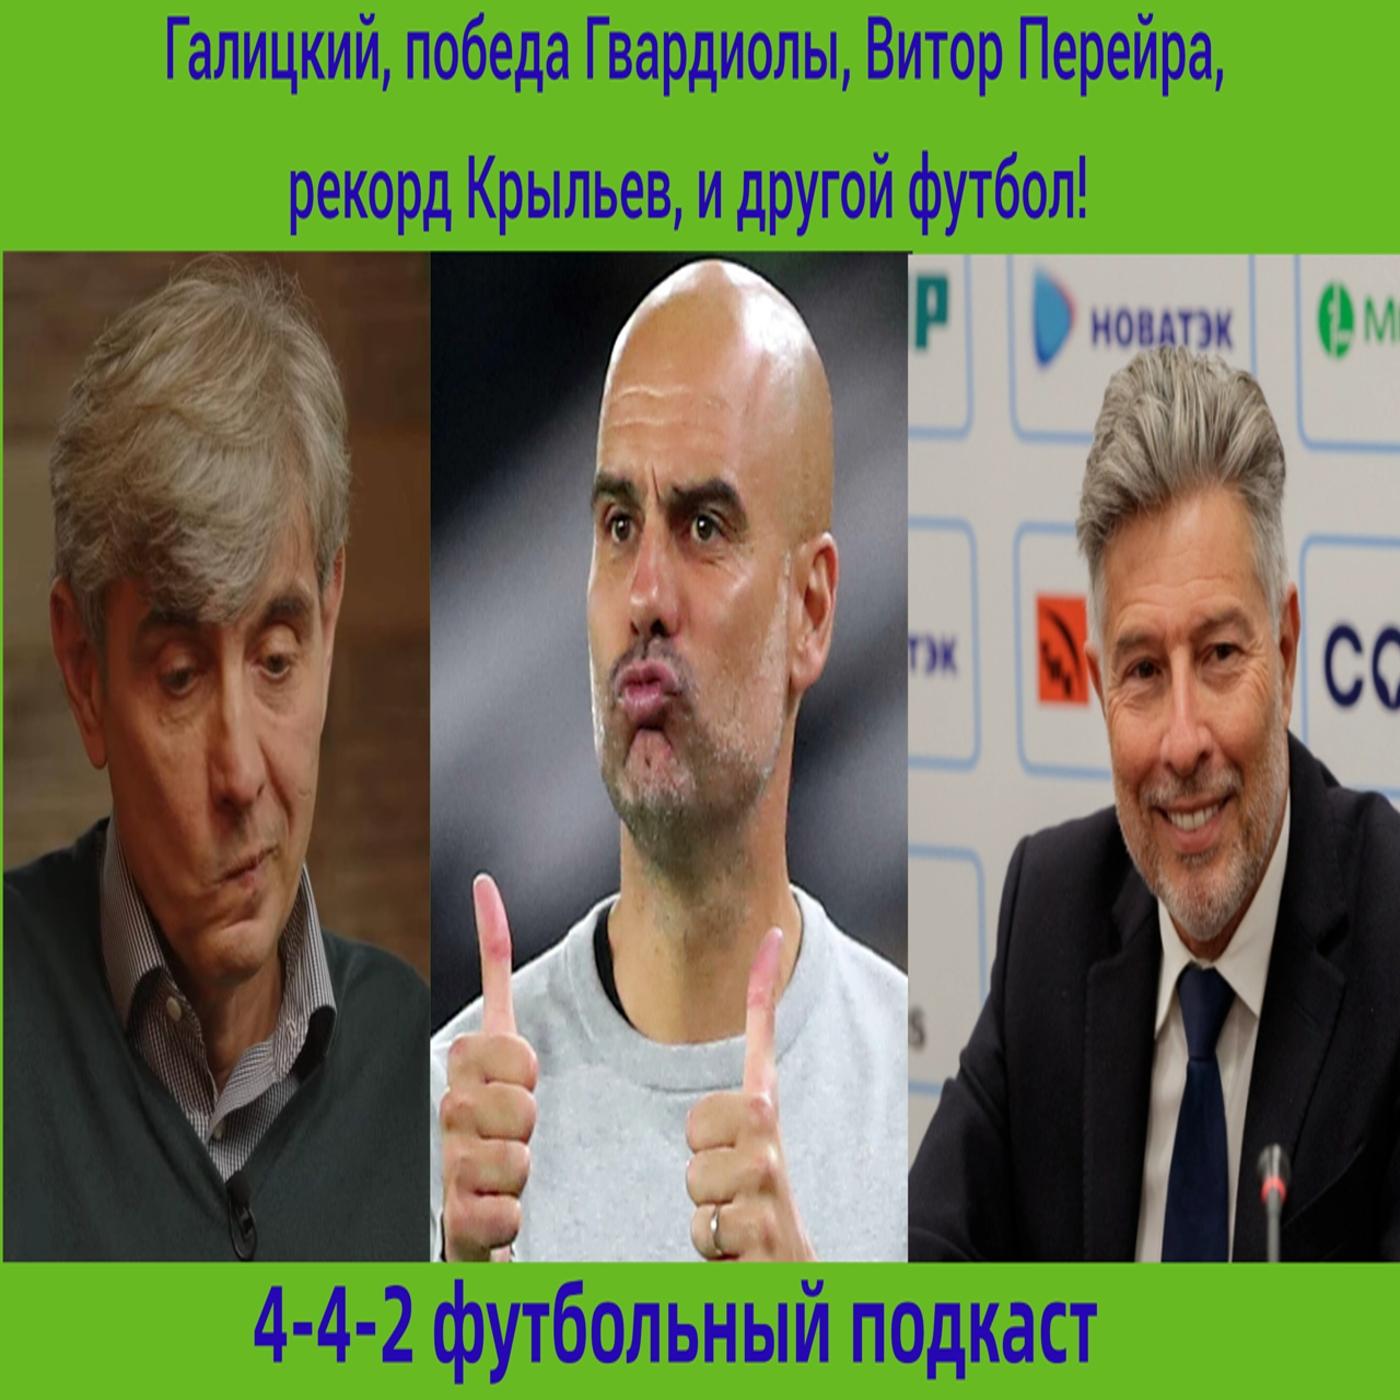 Галицкий, победа Гвардиолы, Витор Перейра, рекорд Крыльев, и другой футбол!